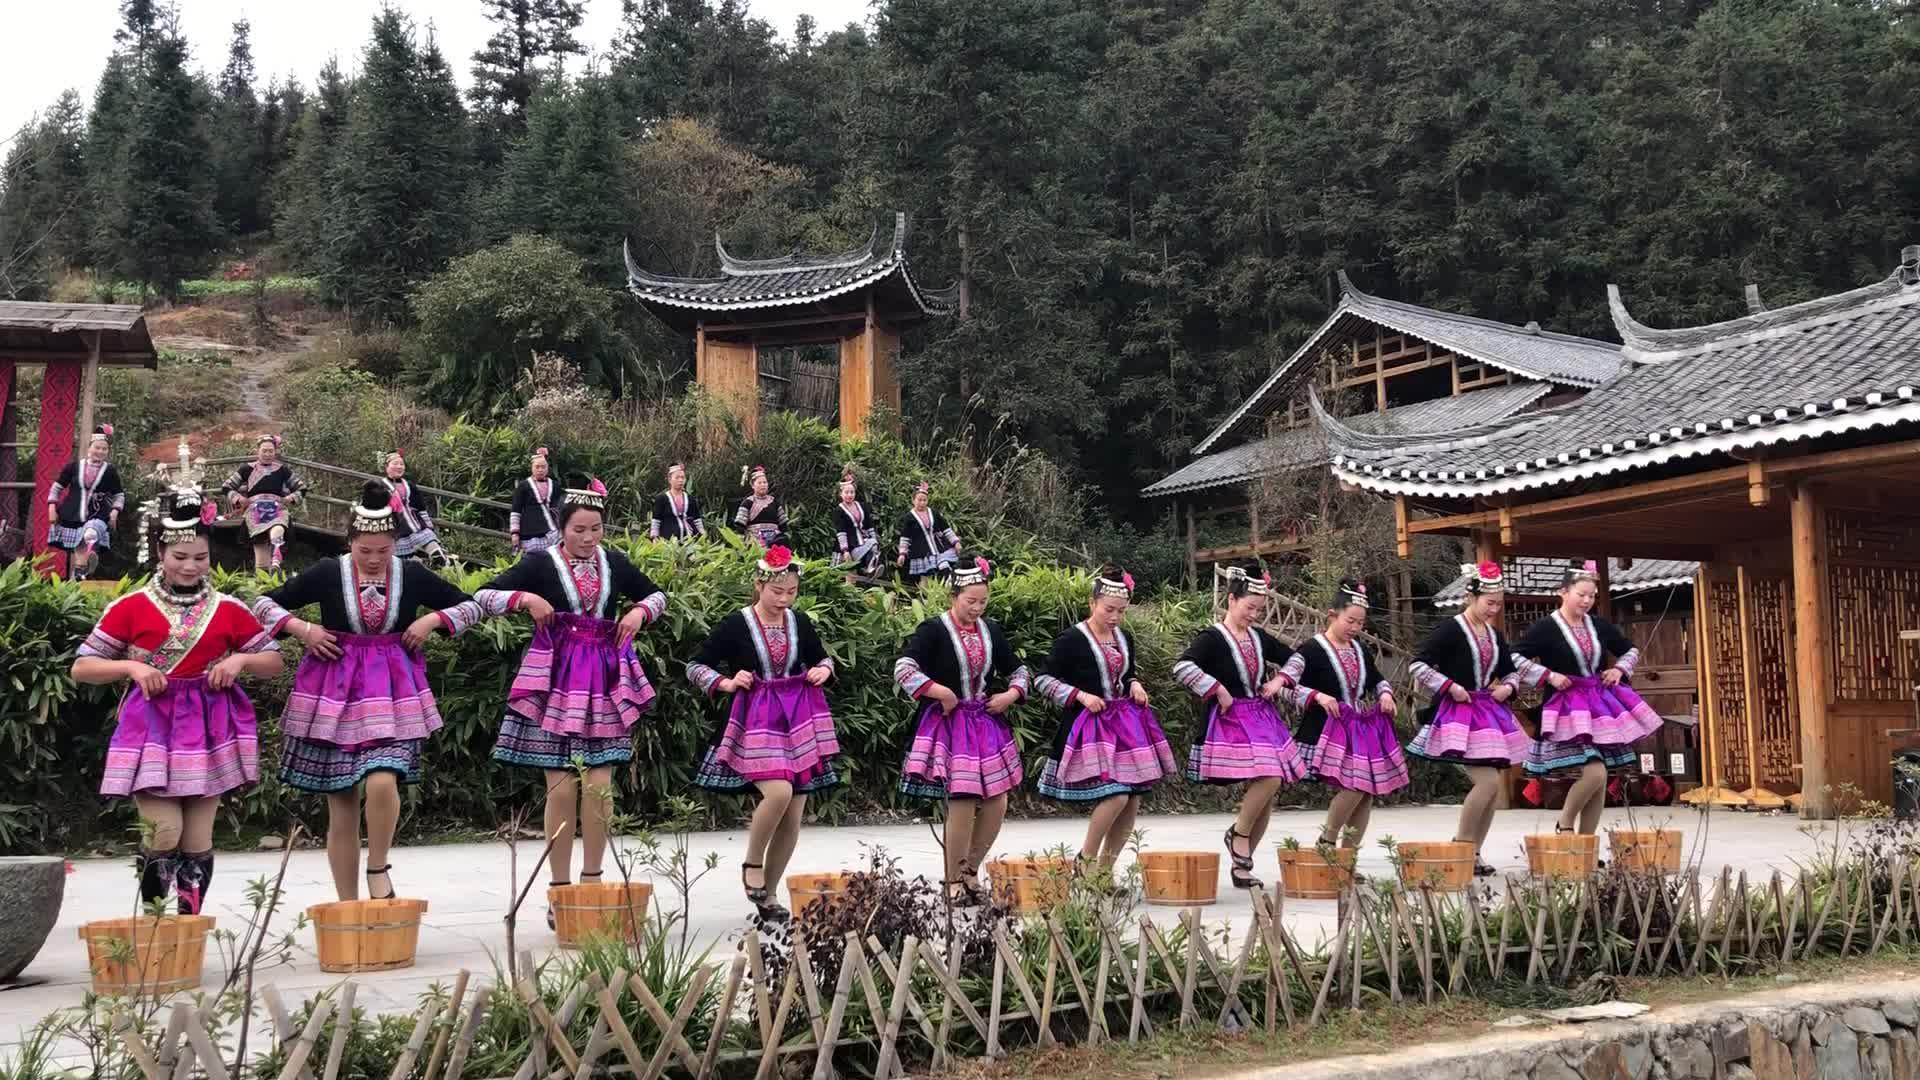 【赶集湖南】侗寨风情:民族歌舞